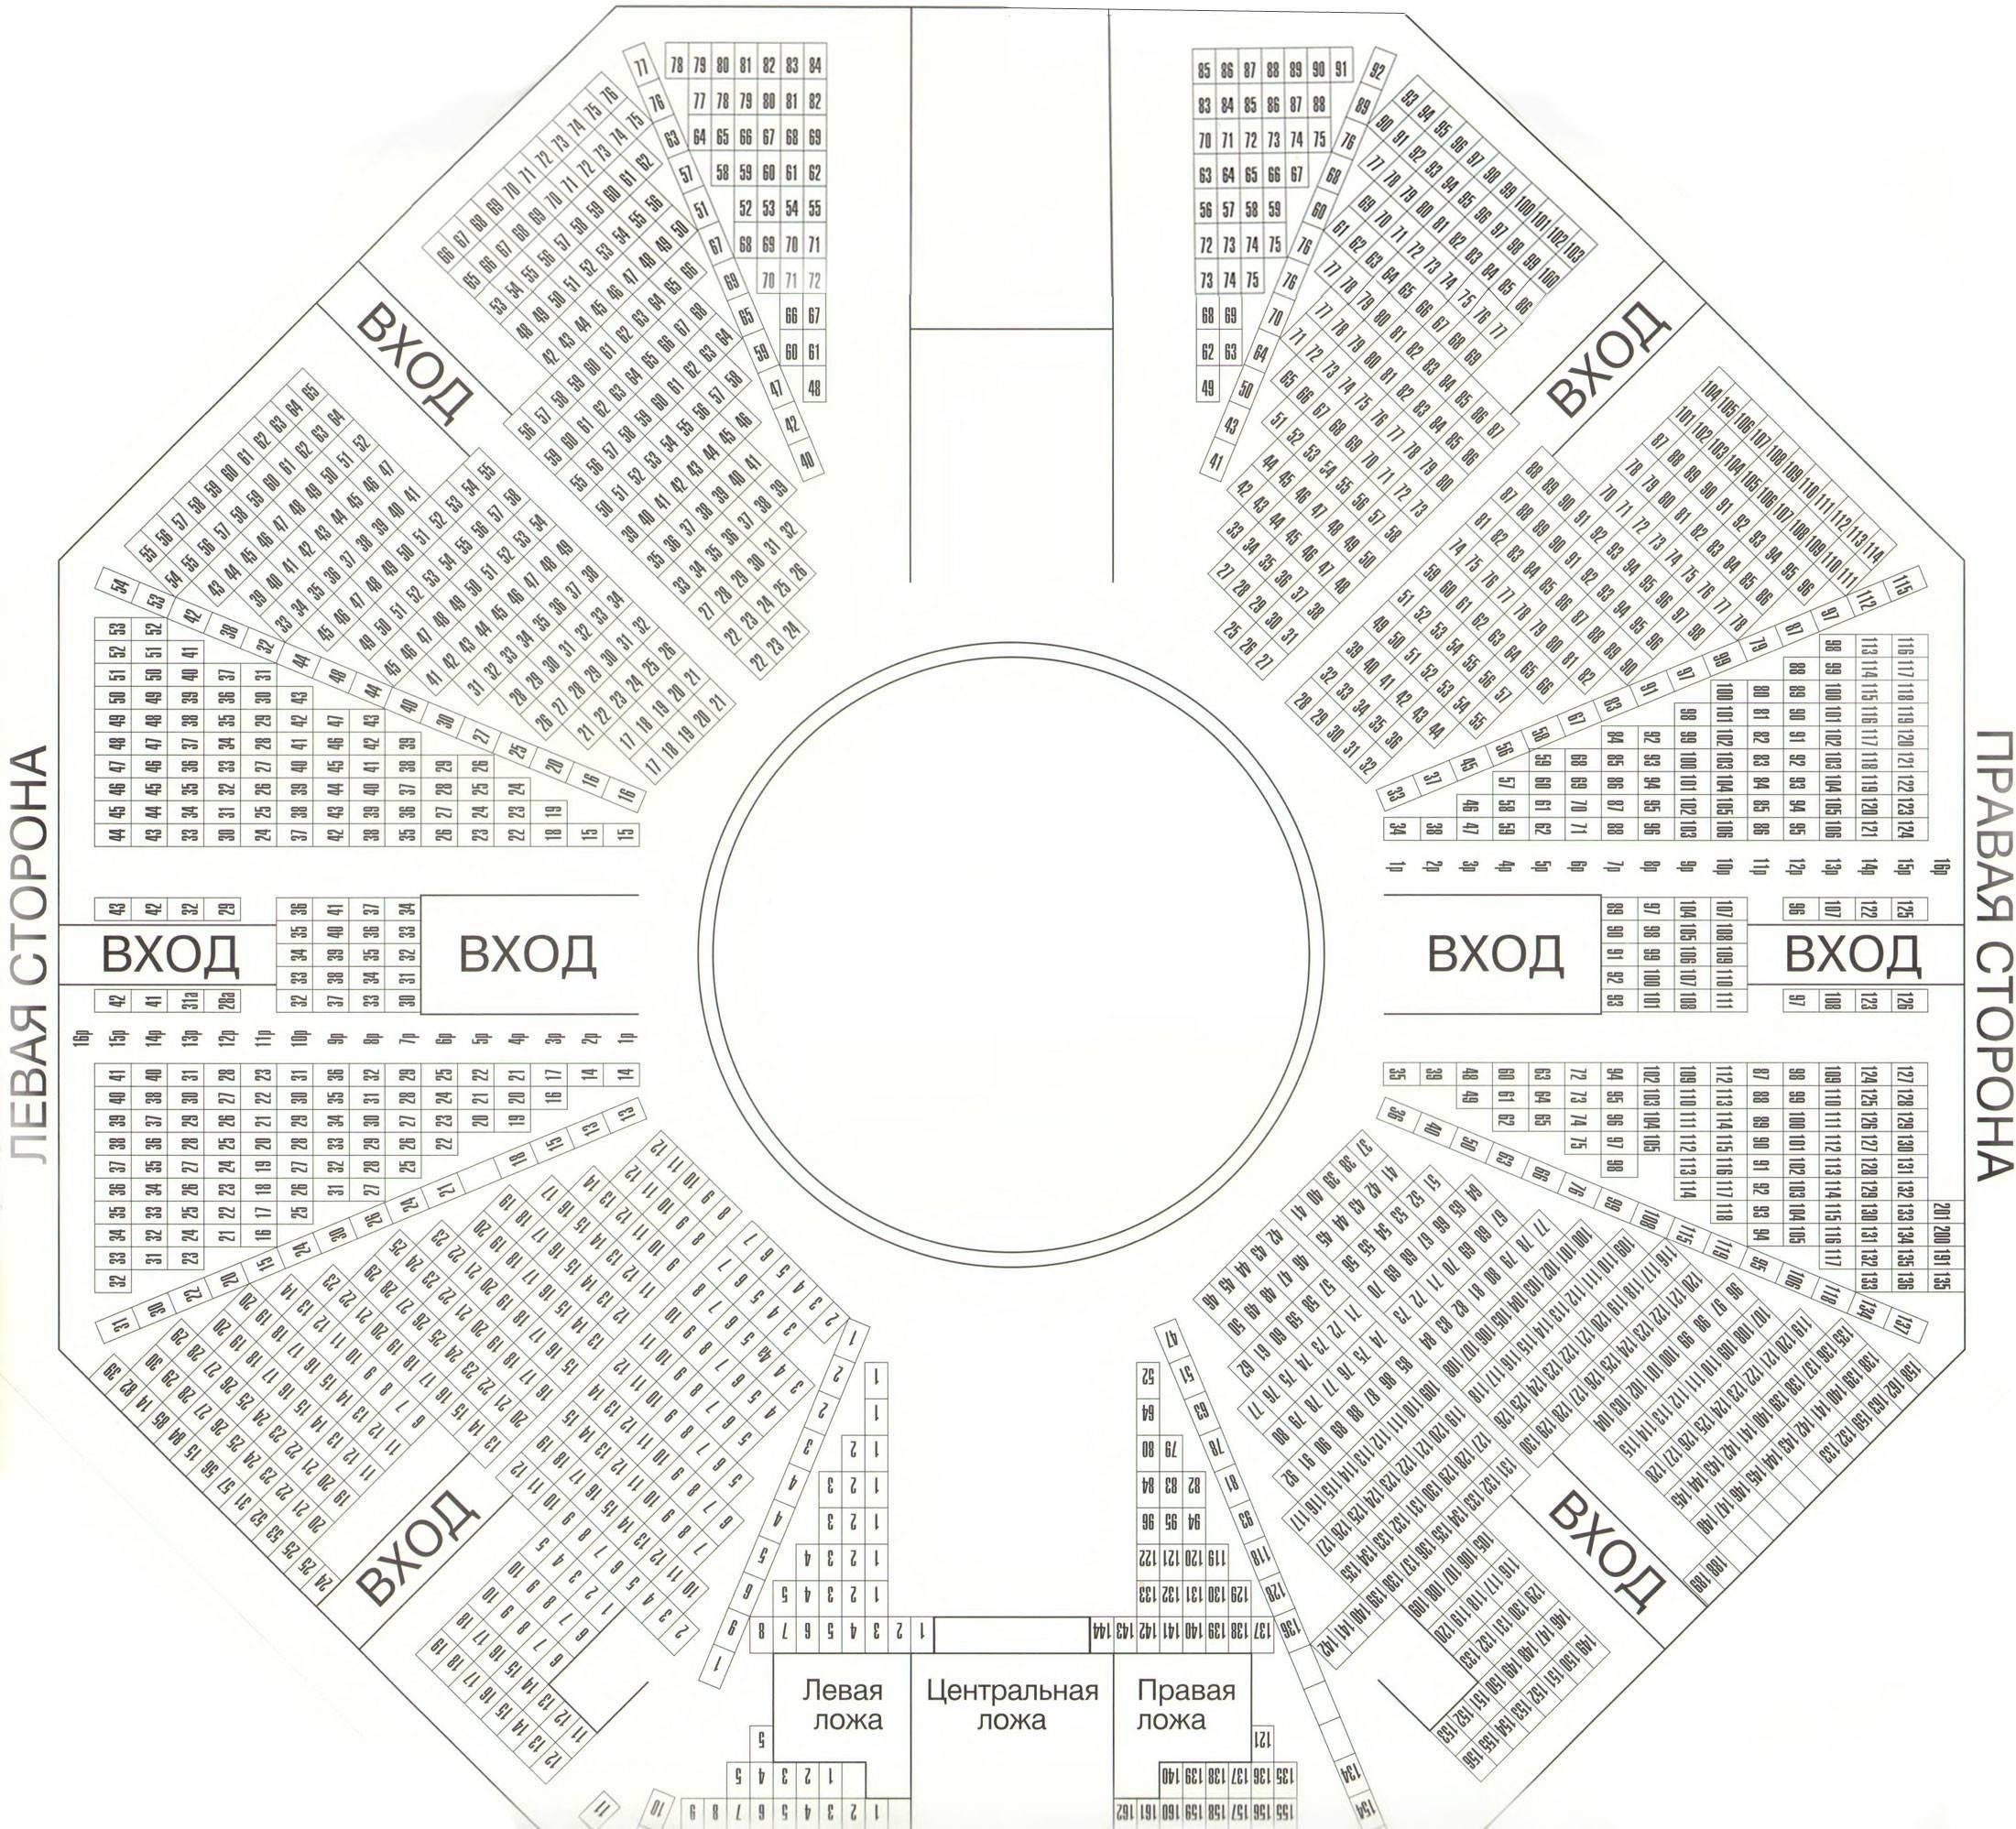 Куплю билеты в цирк красноярск театр комедии акимова афиша на ноябрь 2016